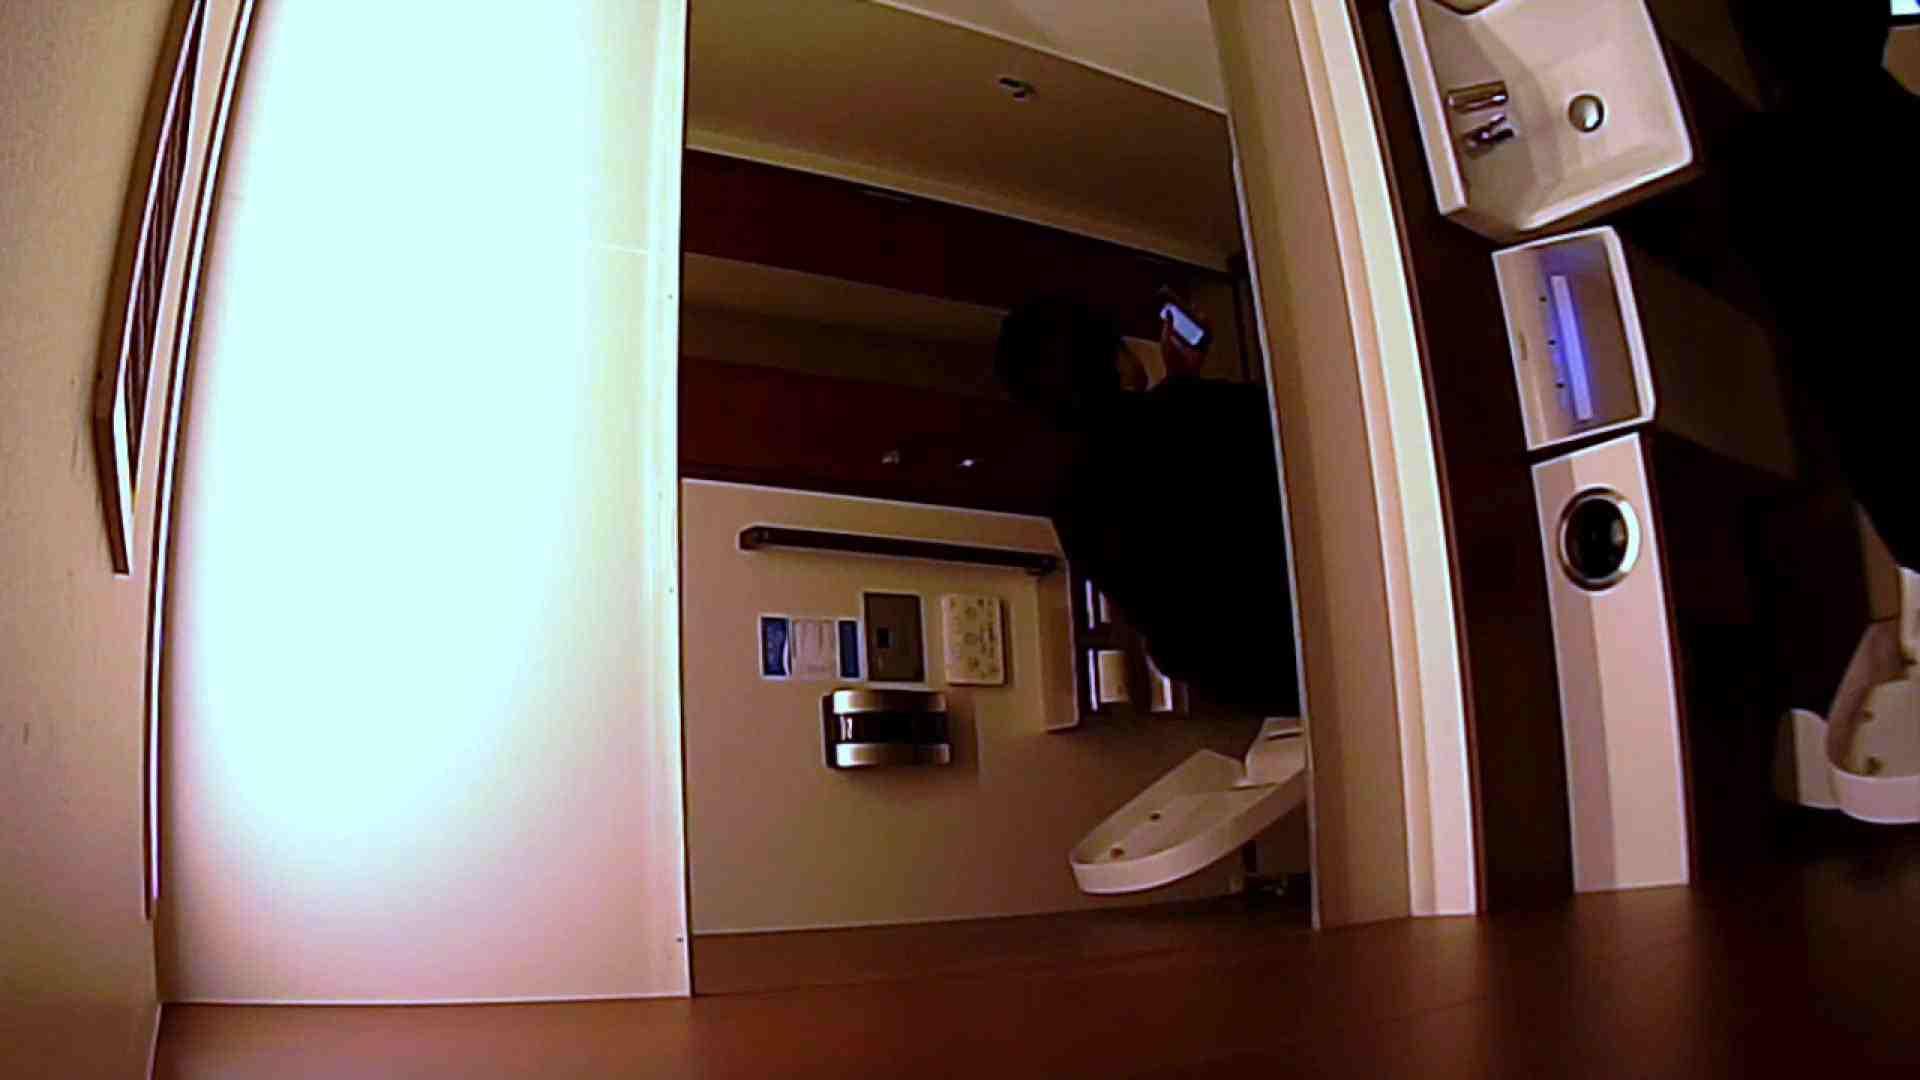 すみませんが覗かせてください Vol.28 トイレ | 0  64枚 15